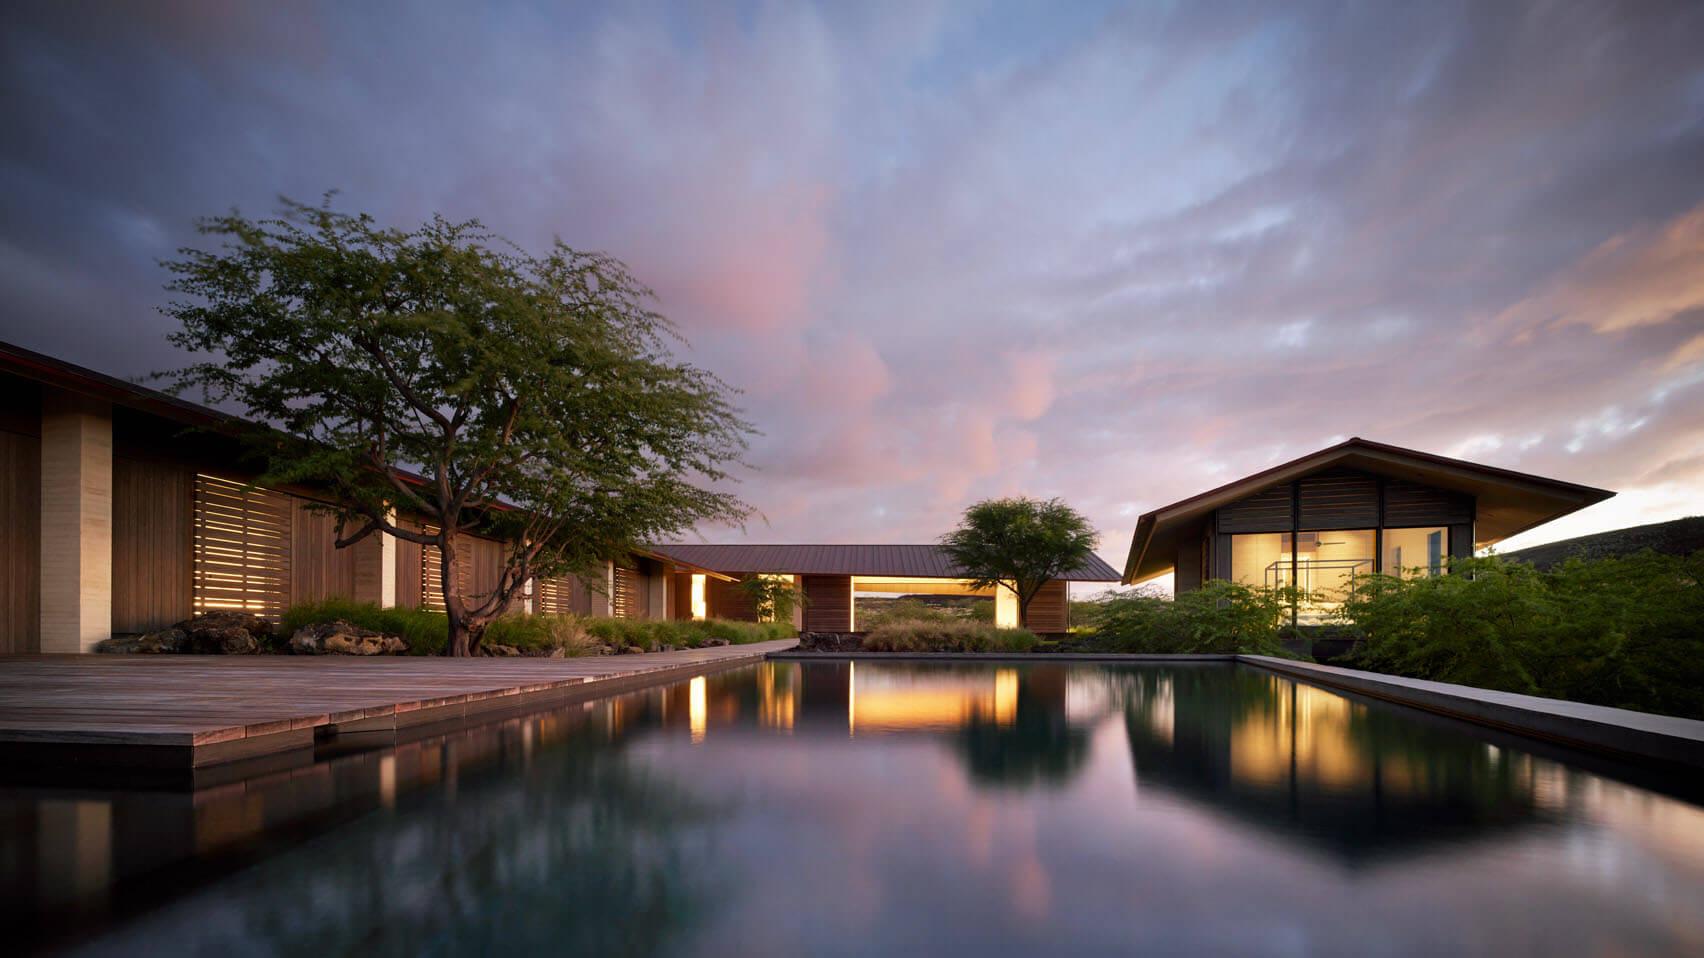 Hale Mau'u by Walker Warner Architects sits low in the Hawaiian landscape